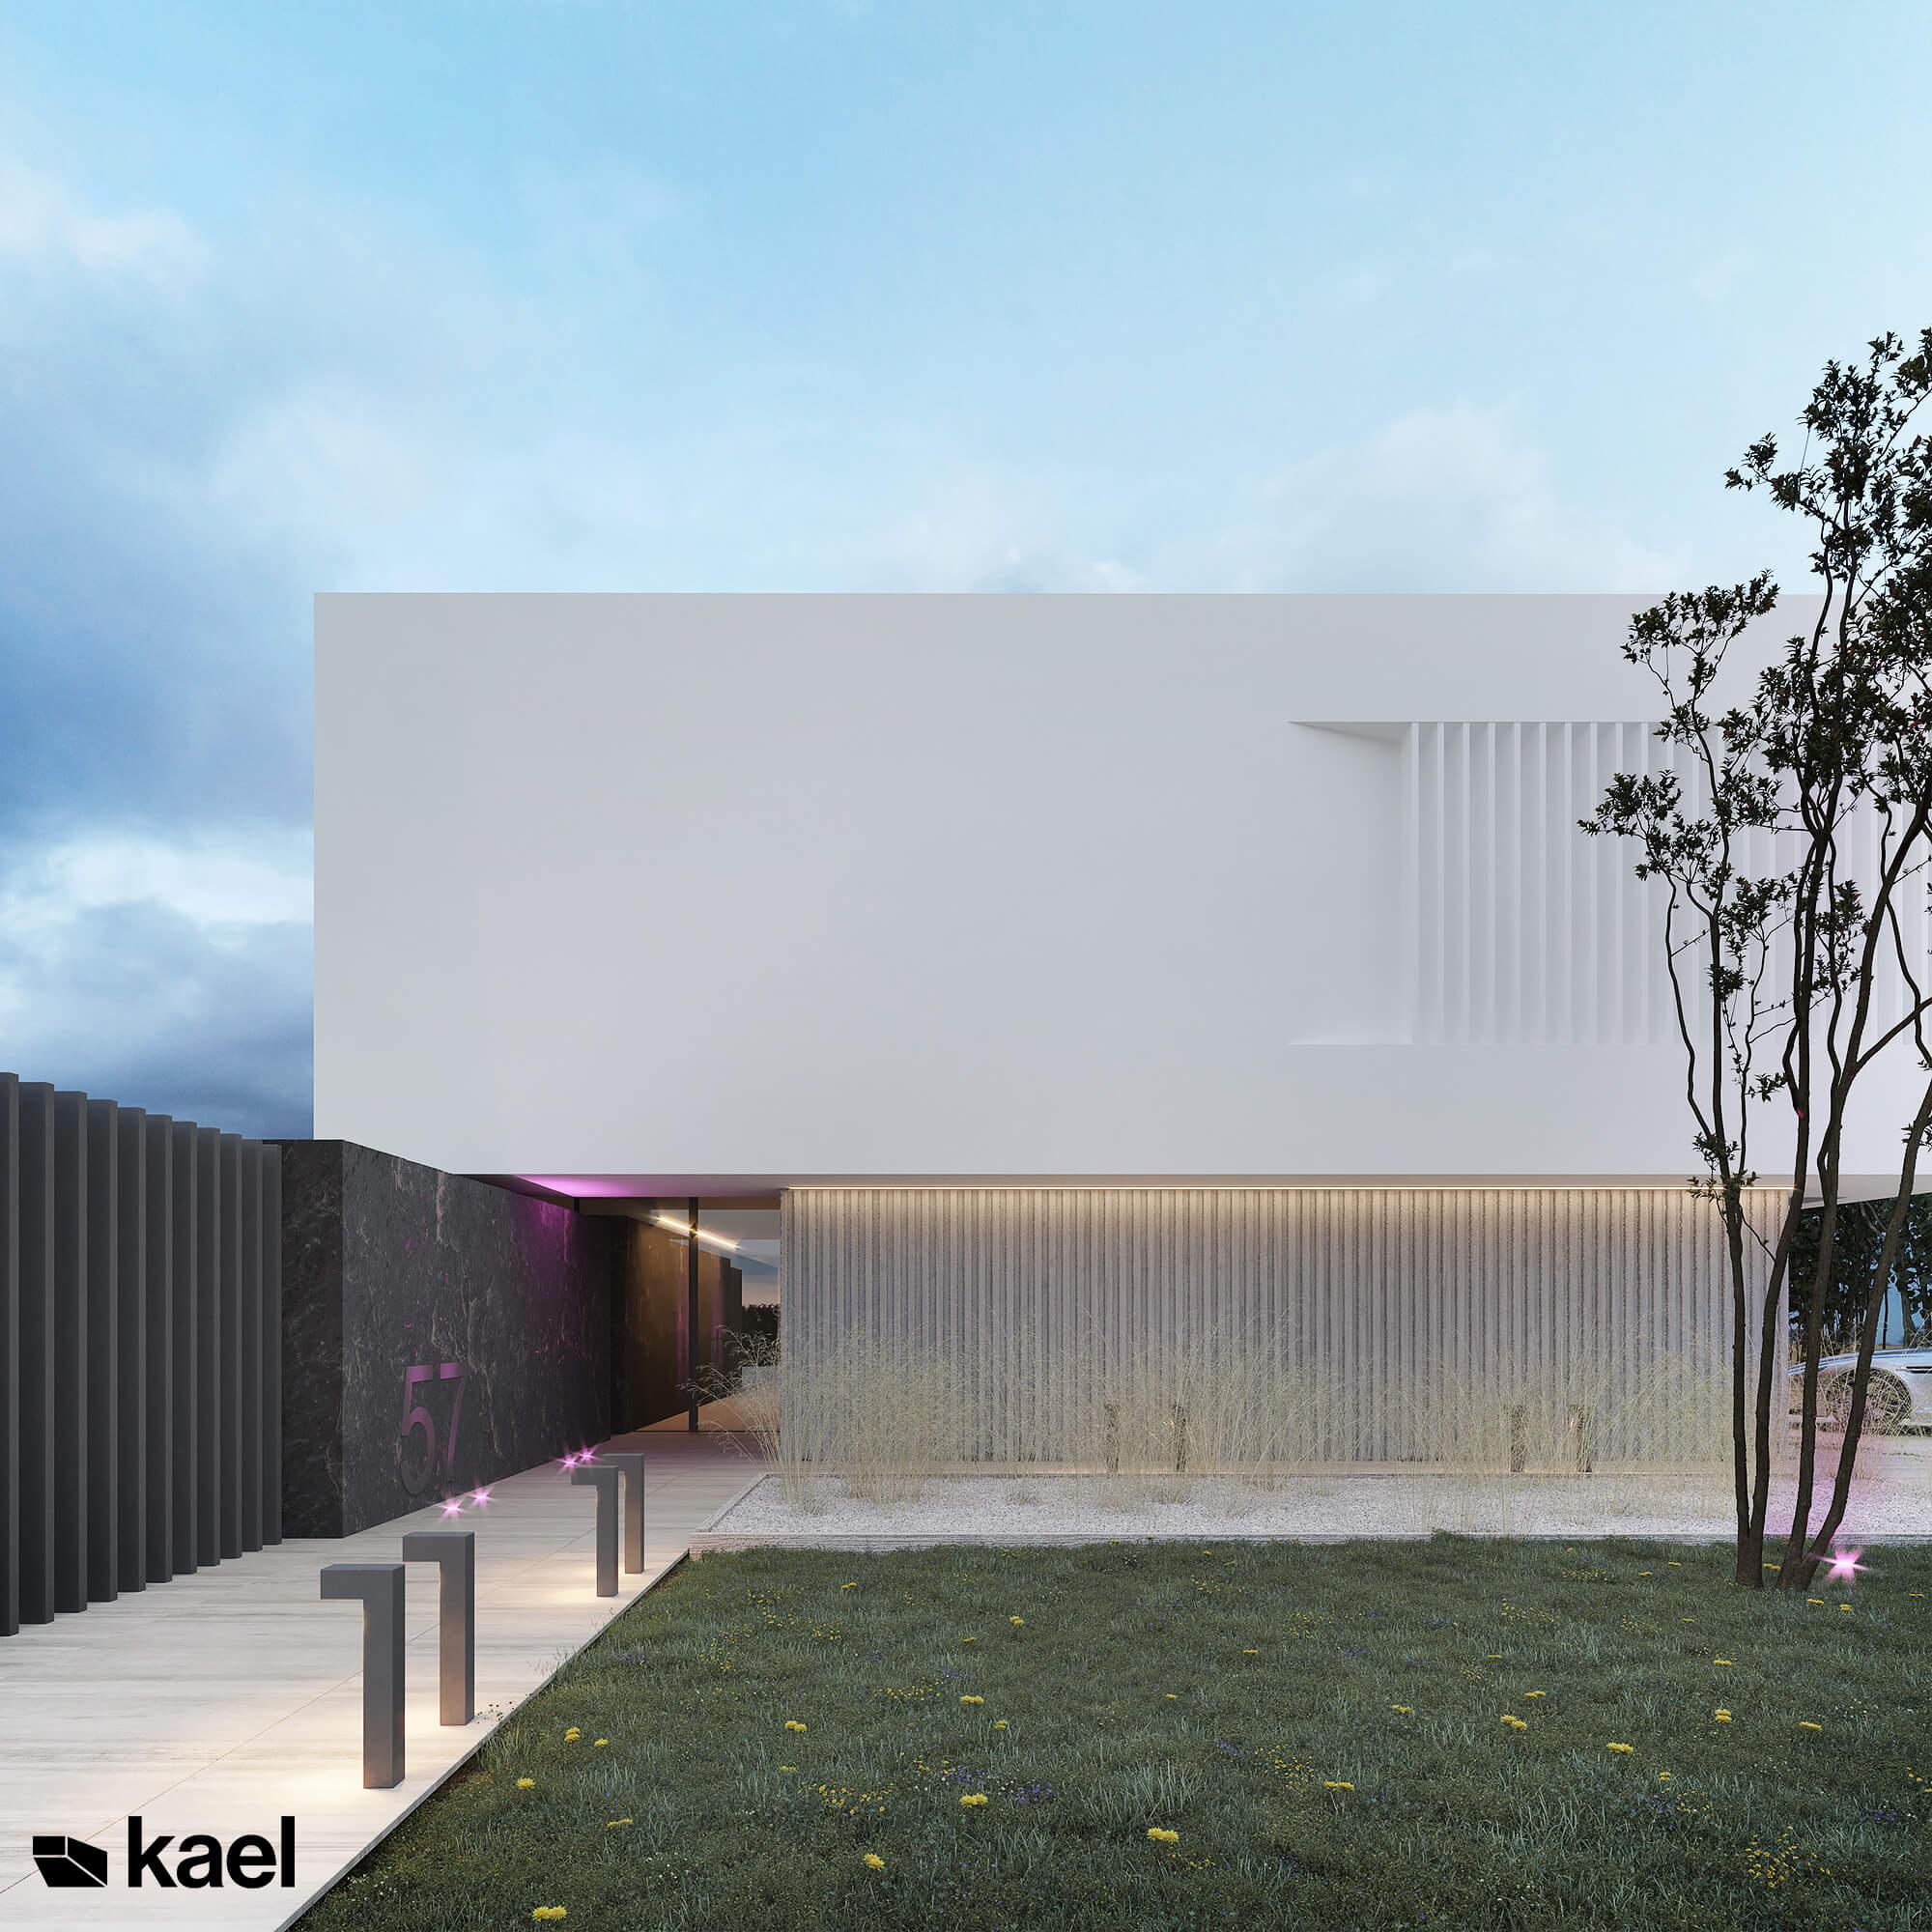 01-projekty-domow-warszawa-dobrzykowice-kael-architekci